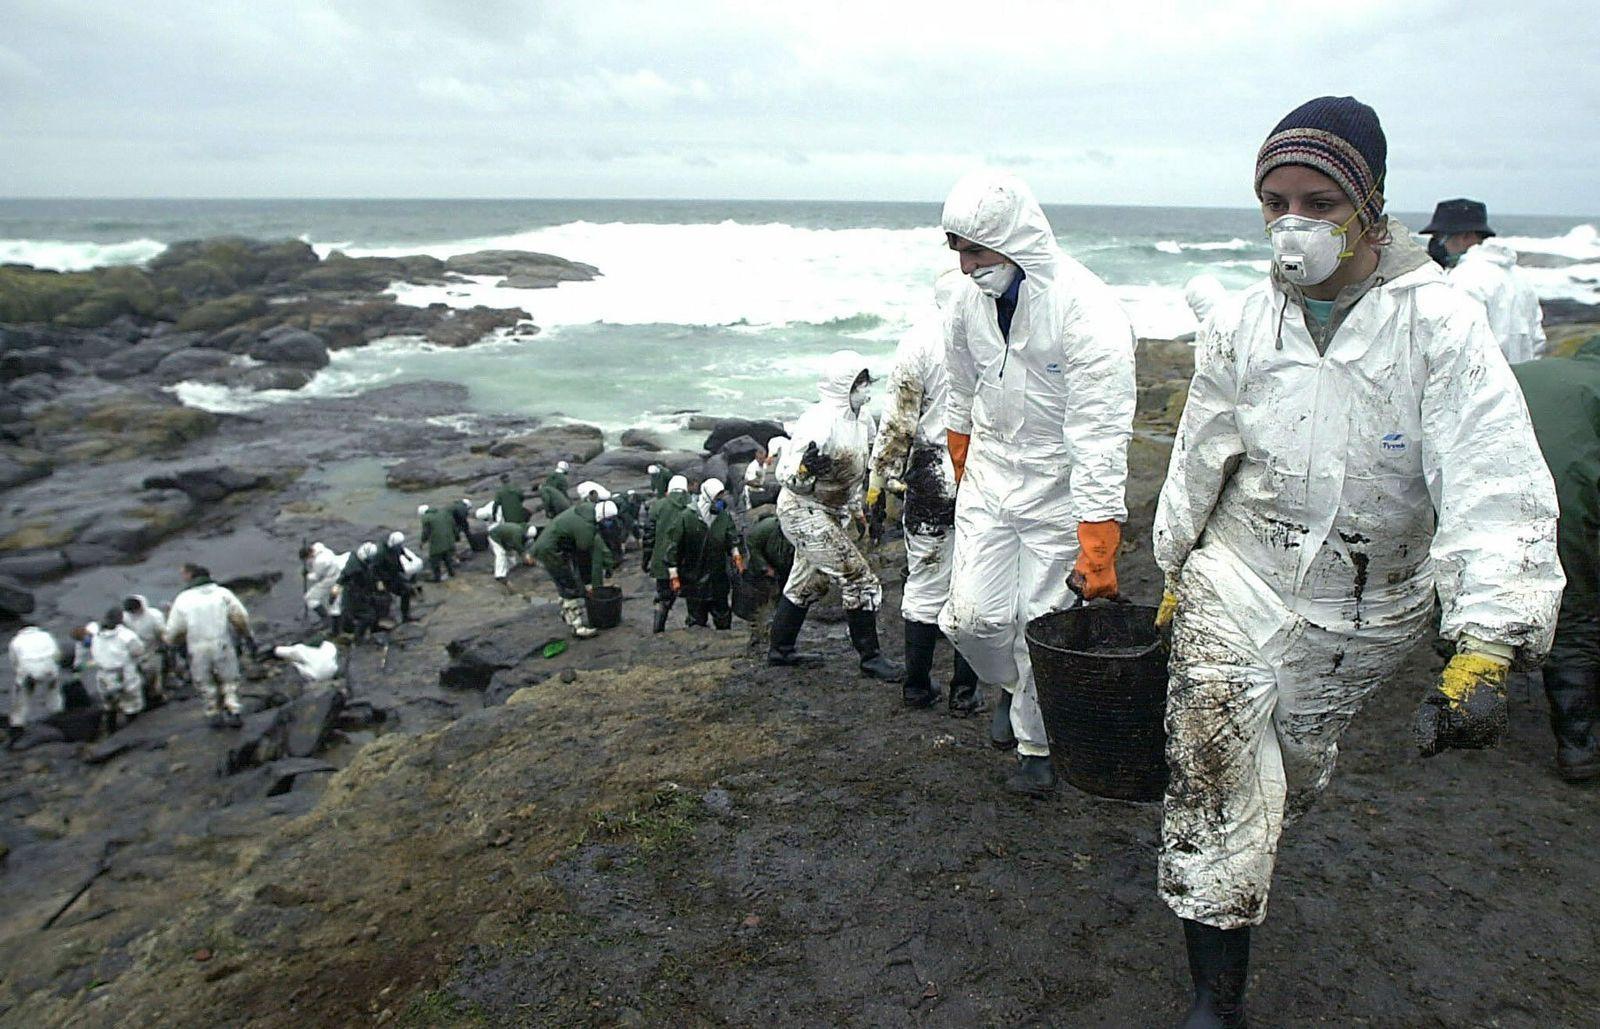 Prestige/ Ölkatastrophe/ Spanien